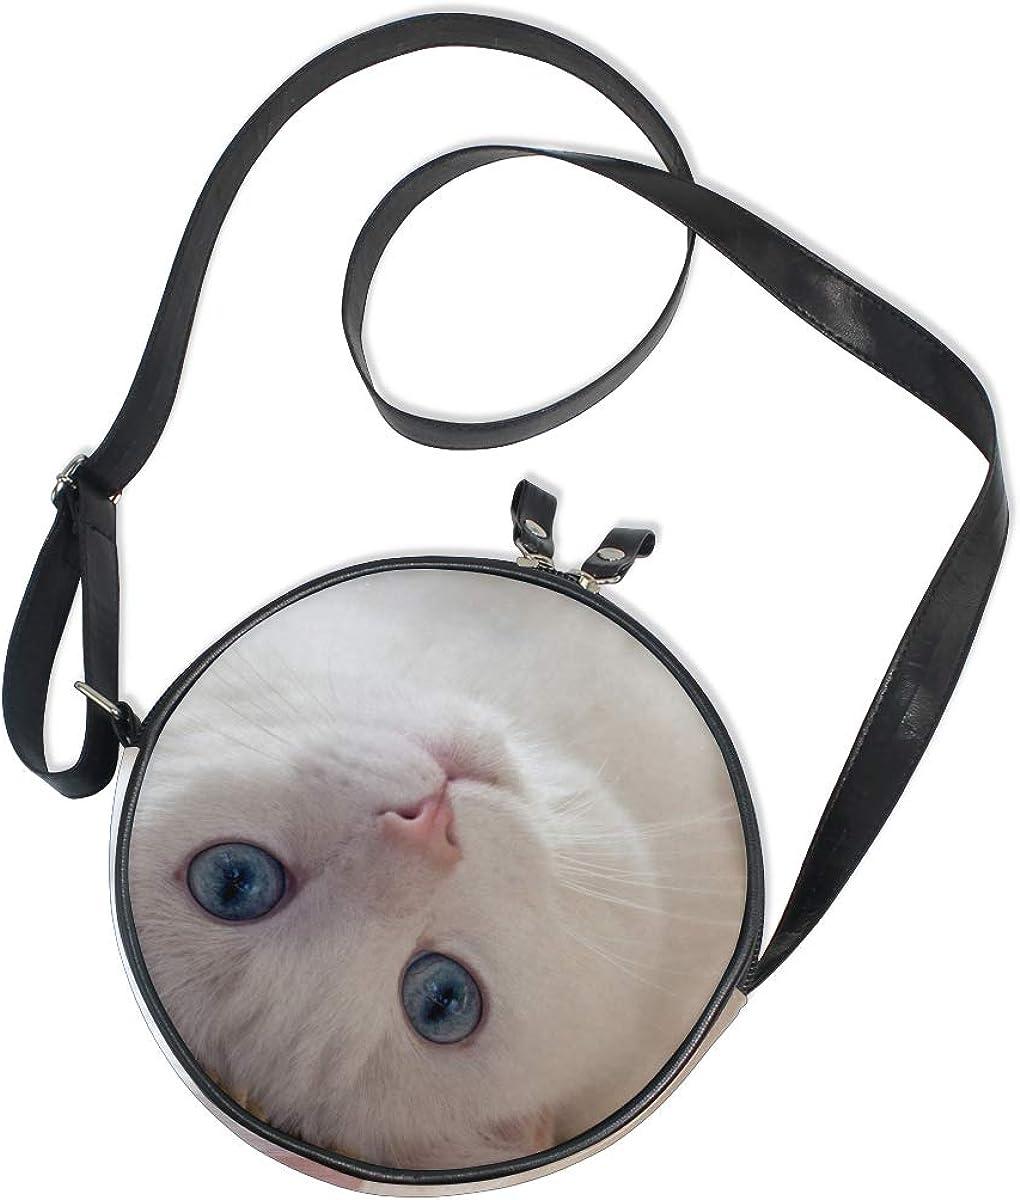 KEAKIA Animals Cats Round Crossbody Bag Shoulder Sling Bag Handbag Purse Satchel Shoulder Bag for Kids Women